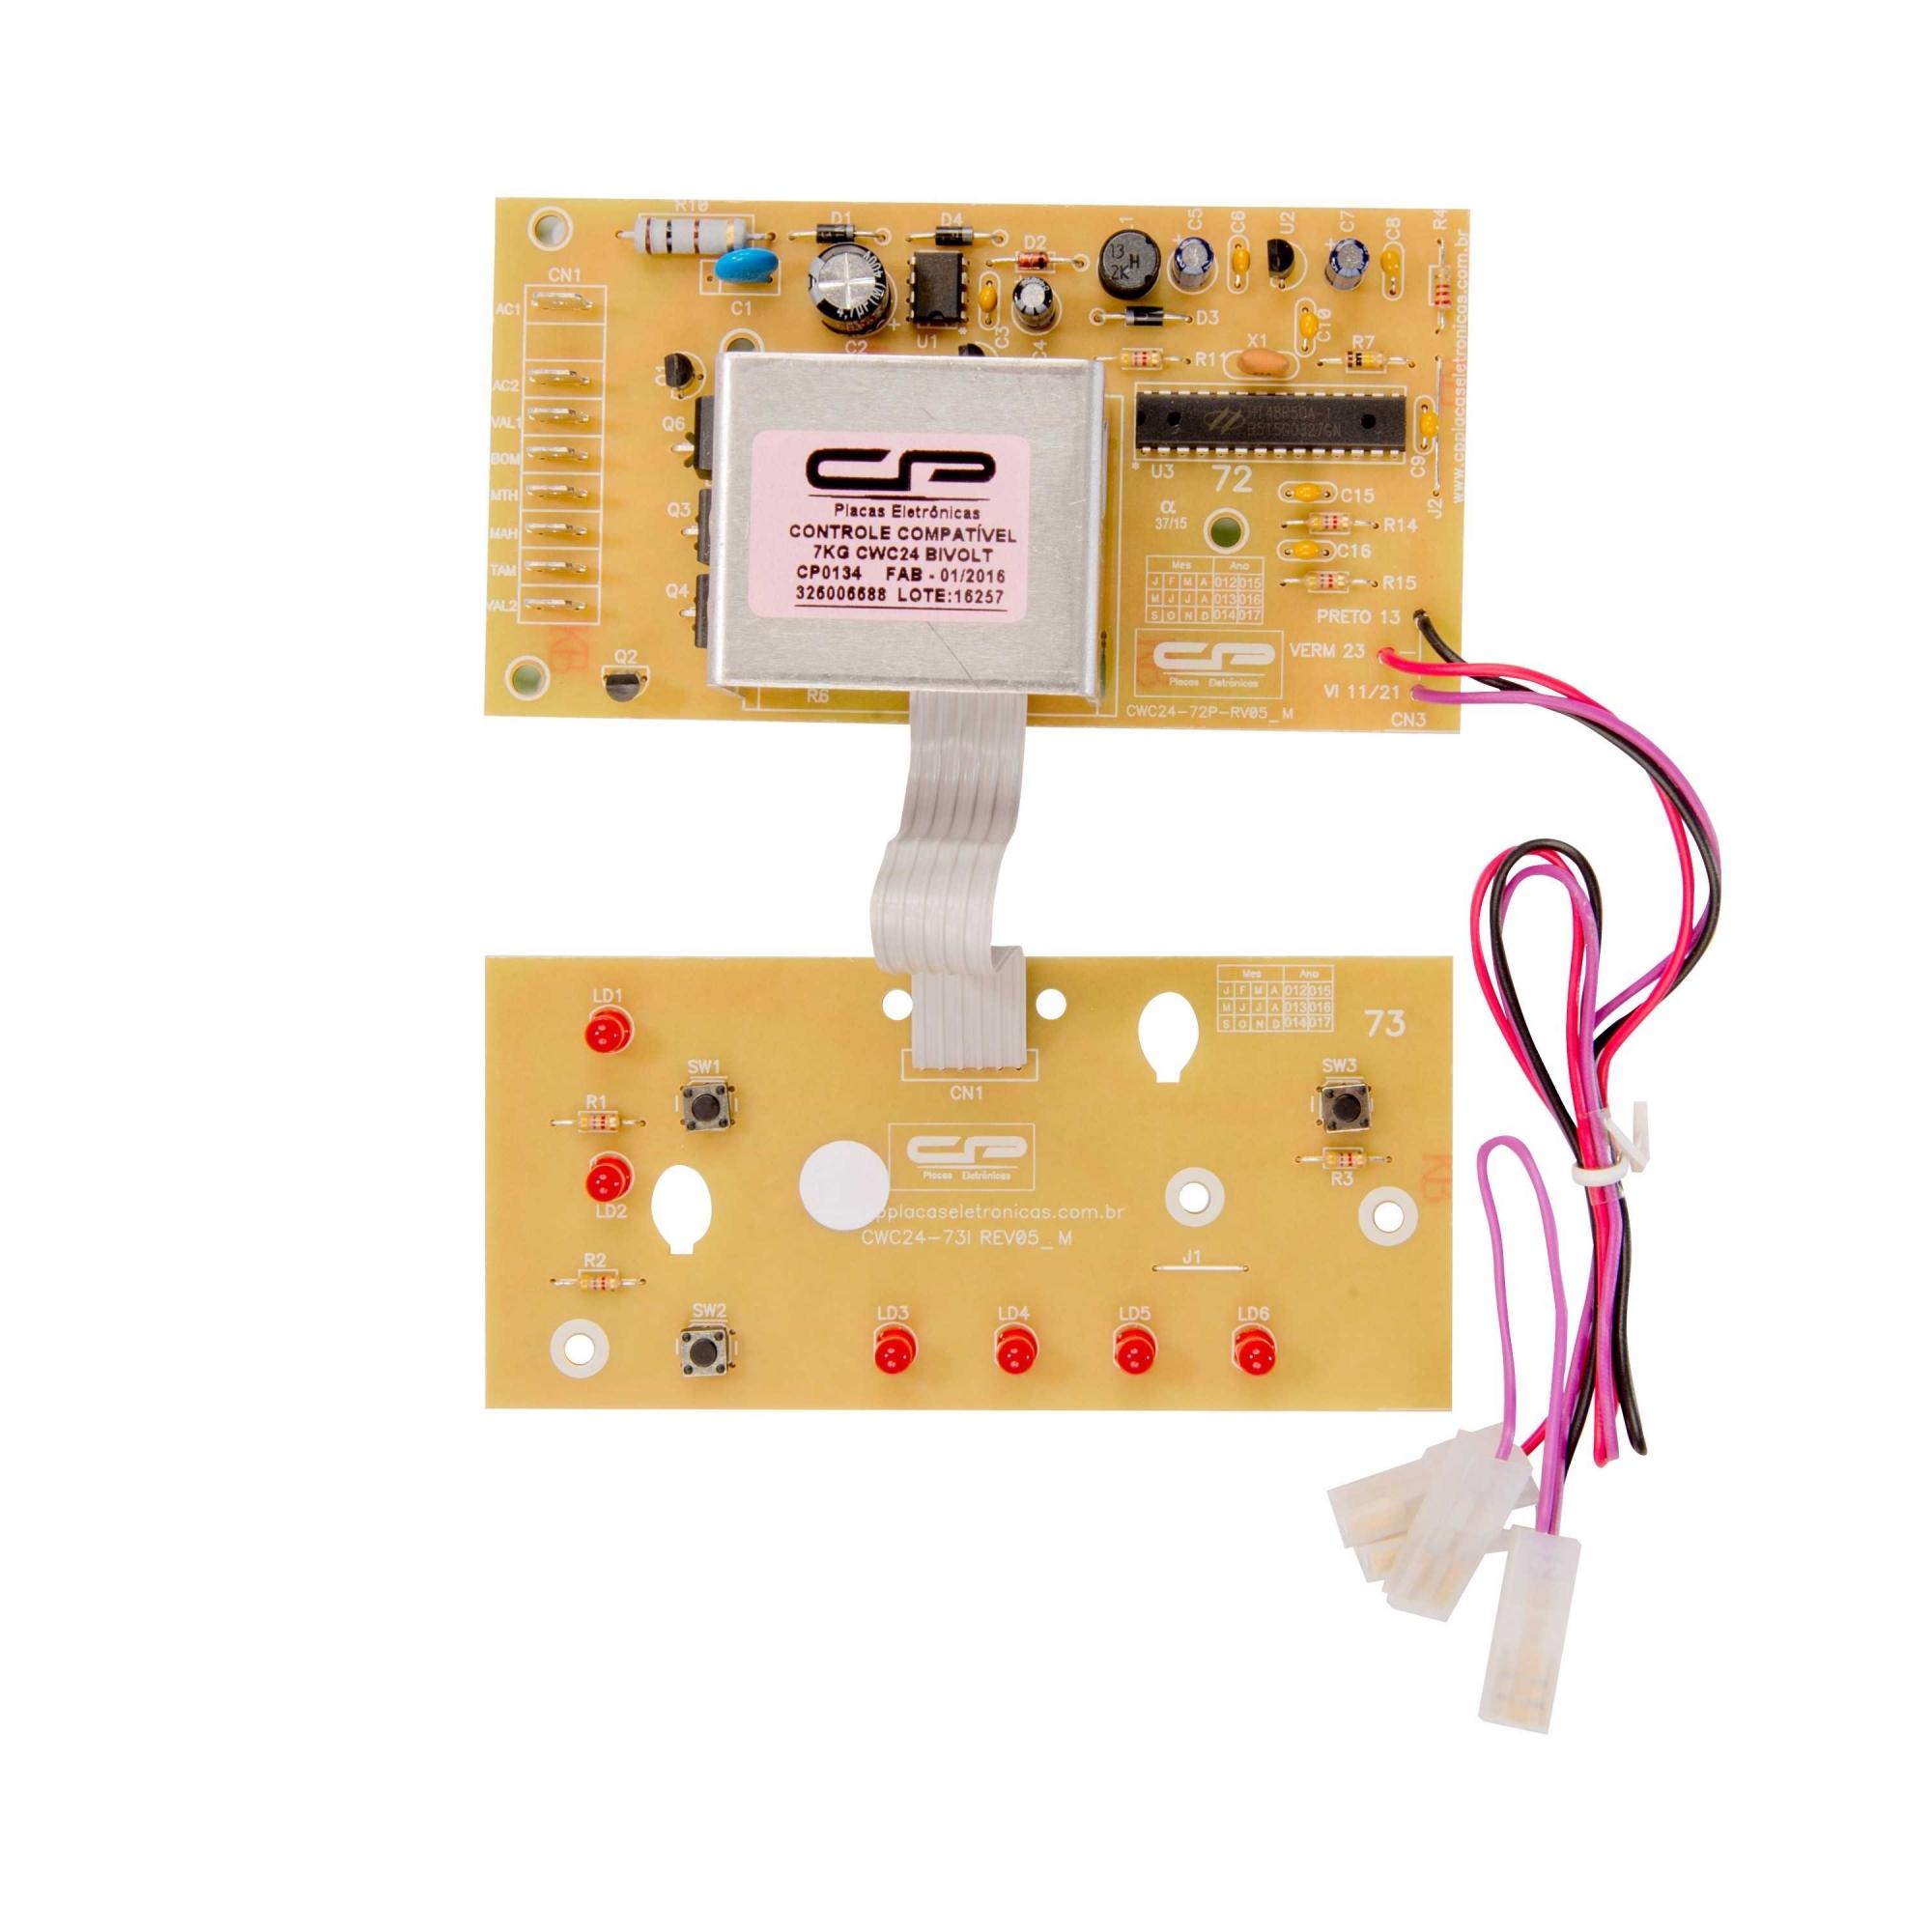 Placa eletronica compatível Lavadora Consul CWC24 7kg